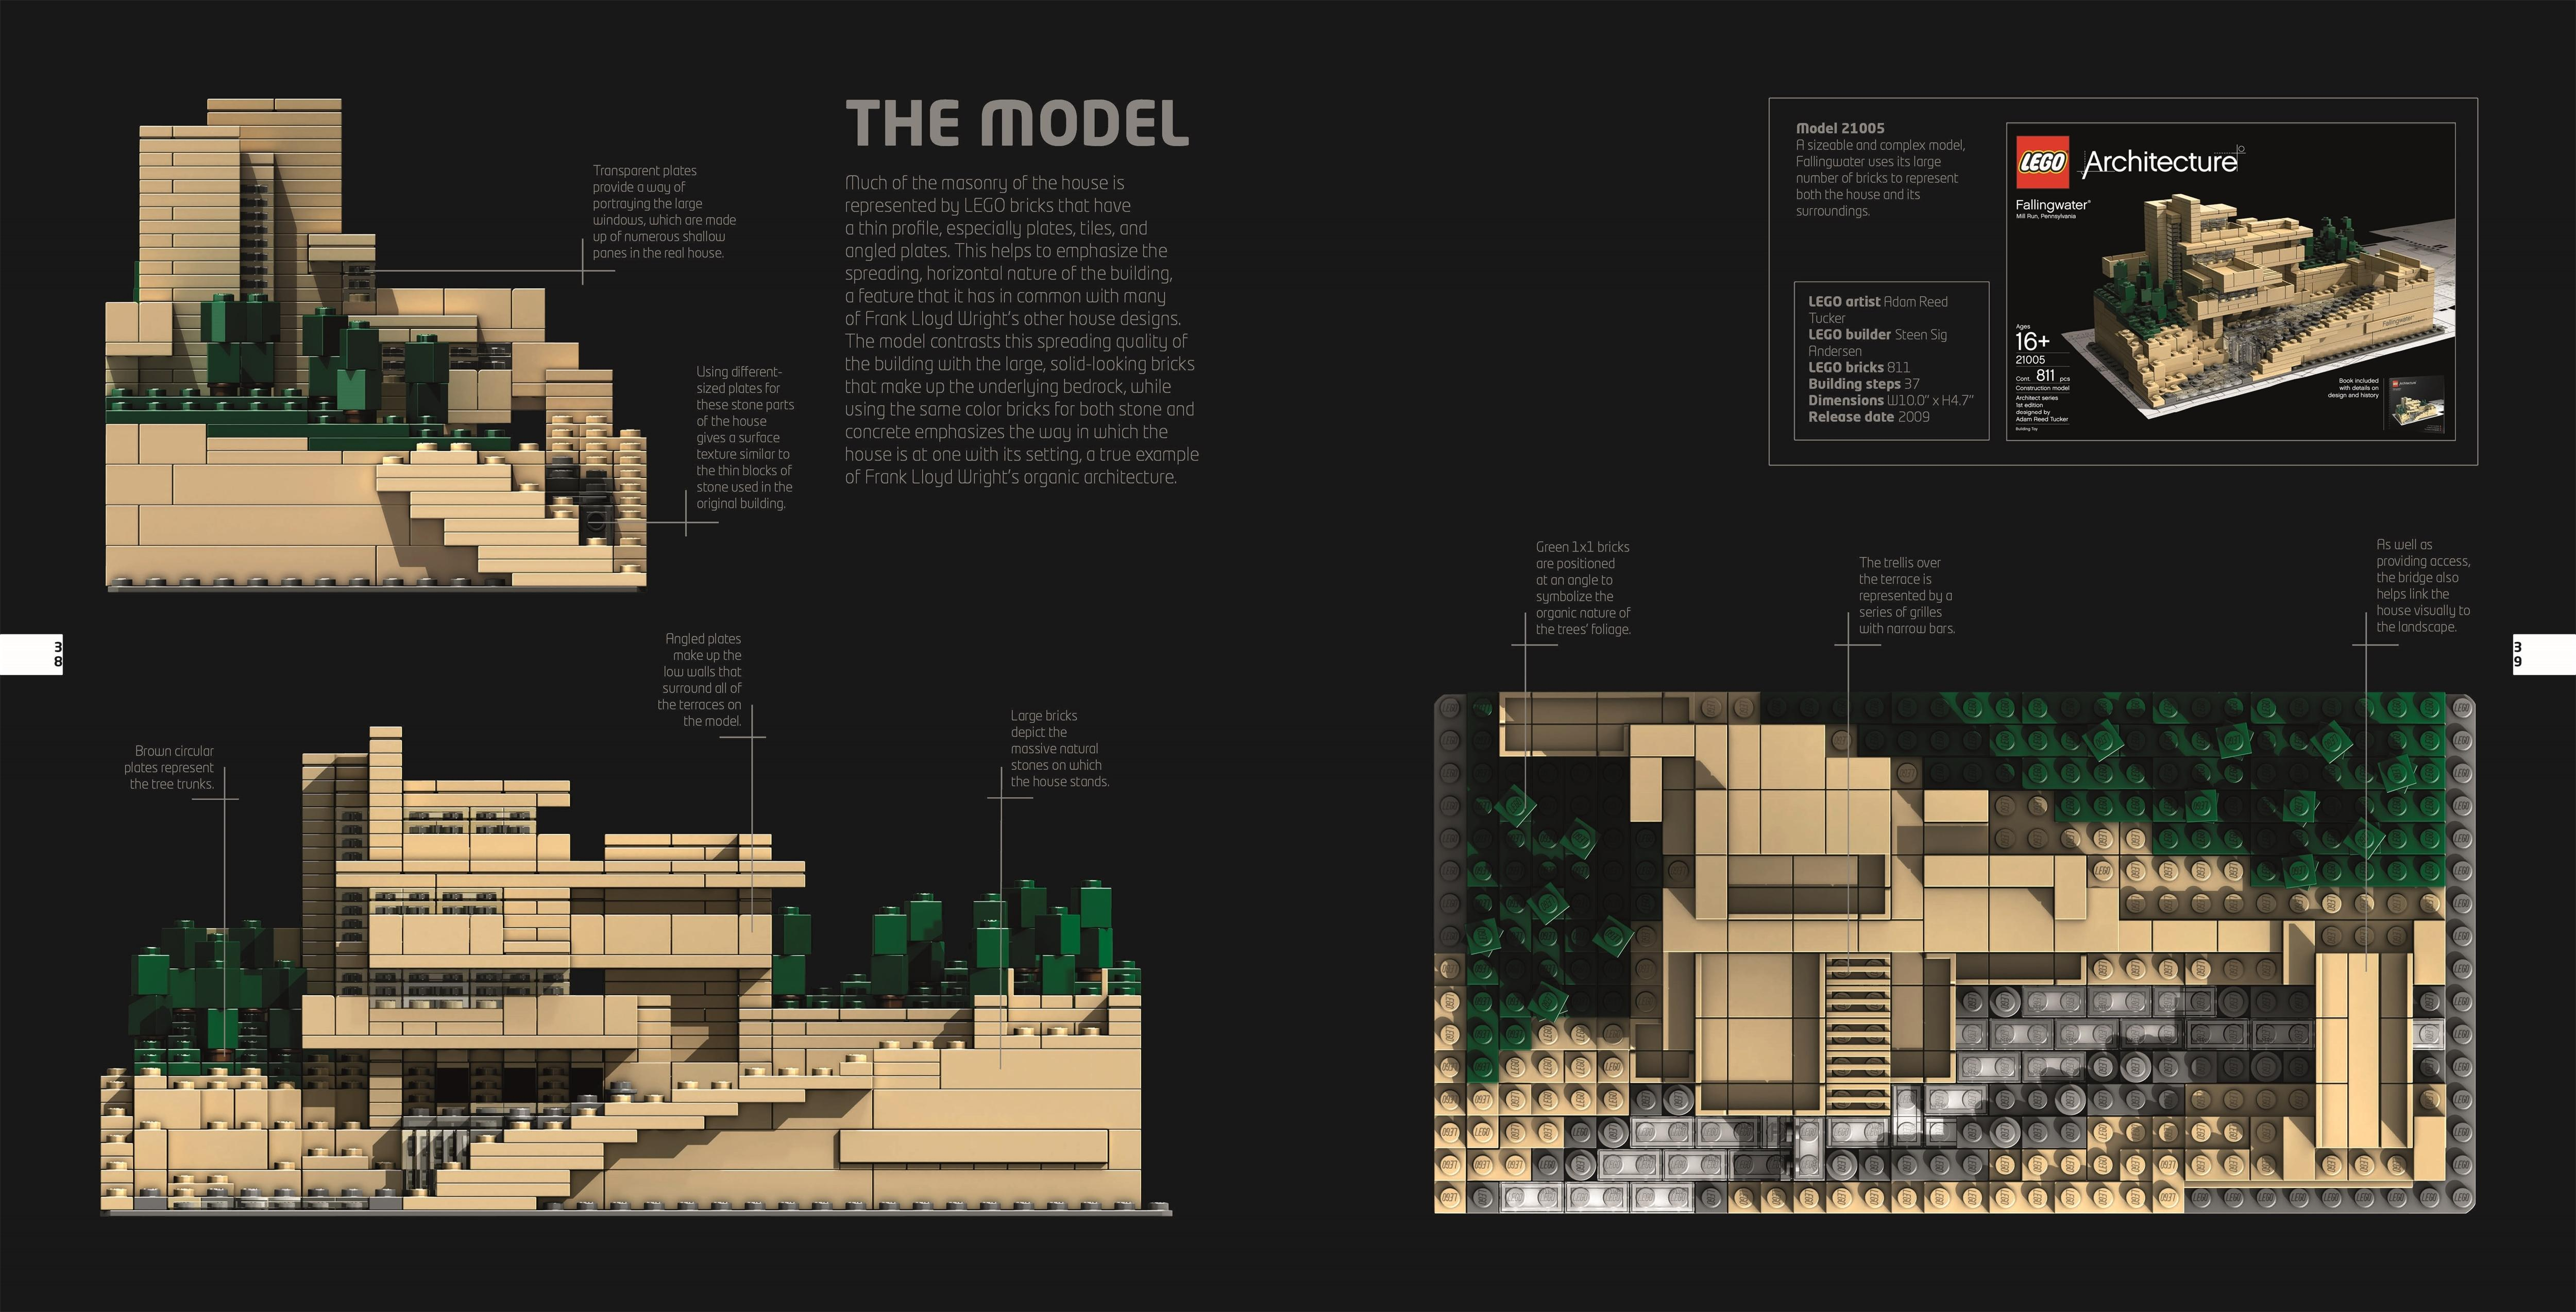 Lego Architecture The Visual Guide Philip Wilkinson 0790778022860